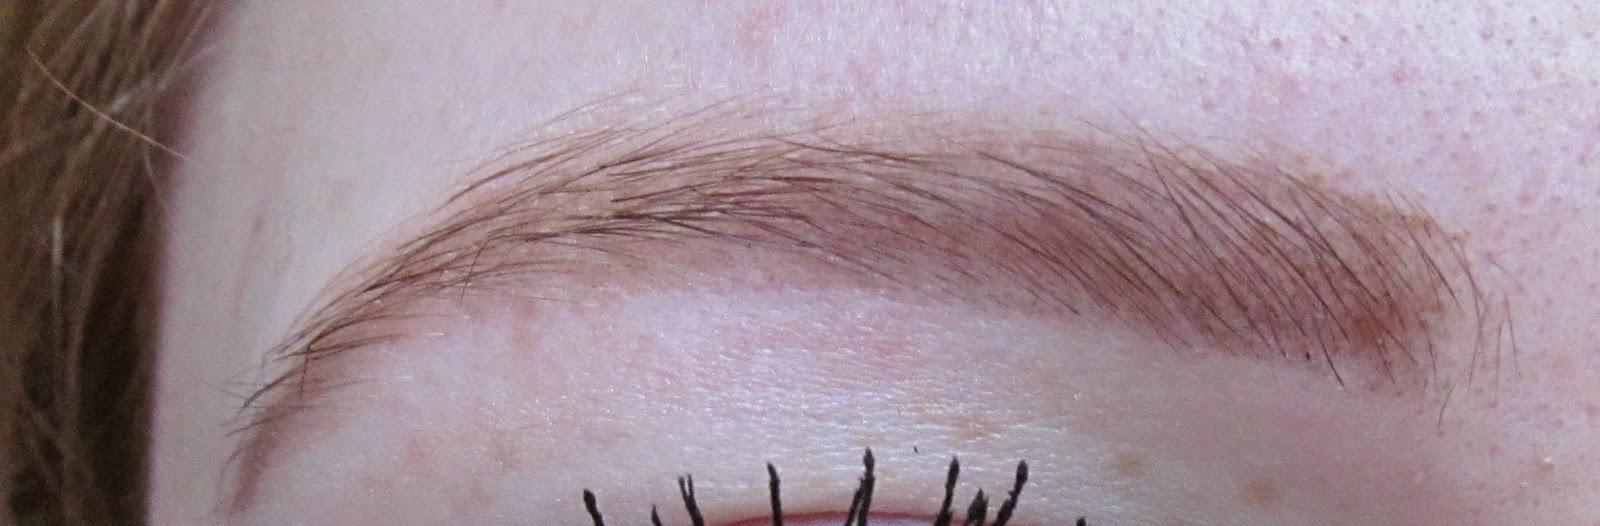 new cid eyebrow